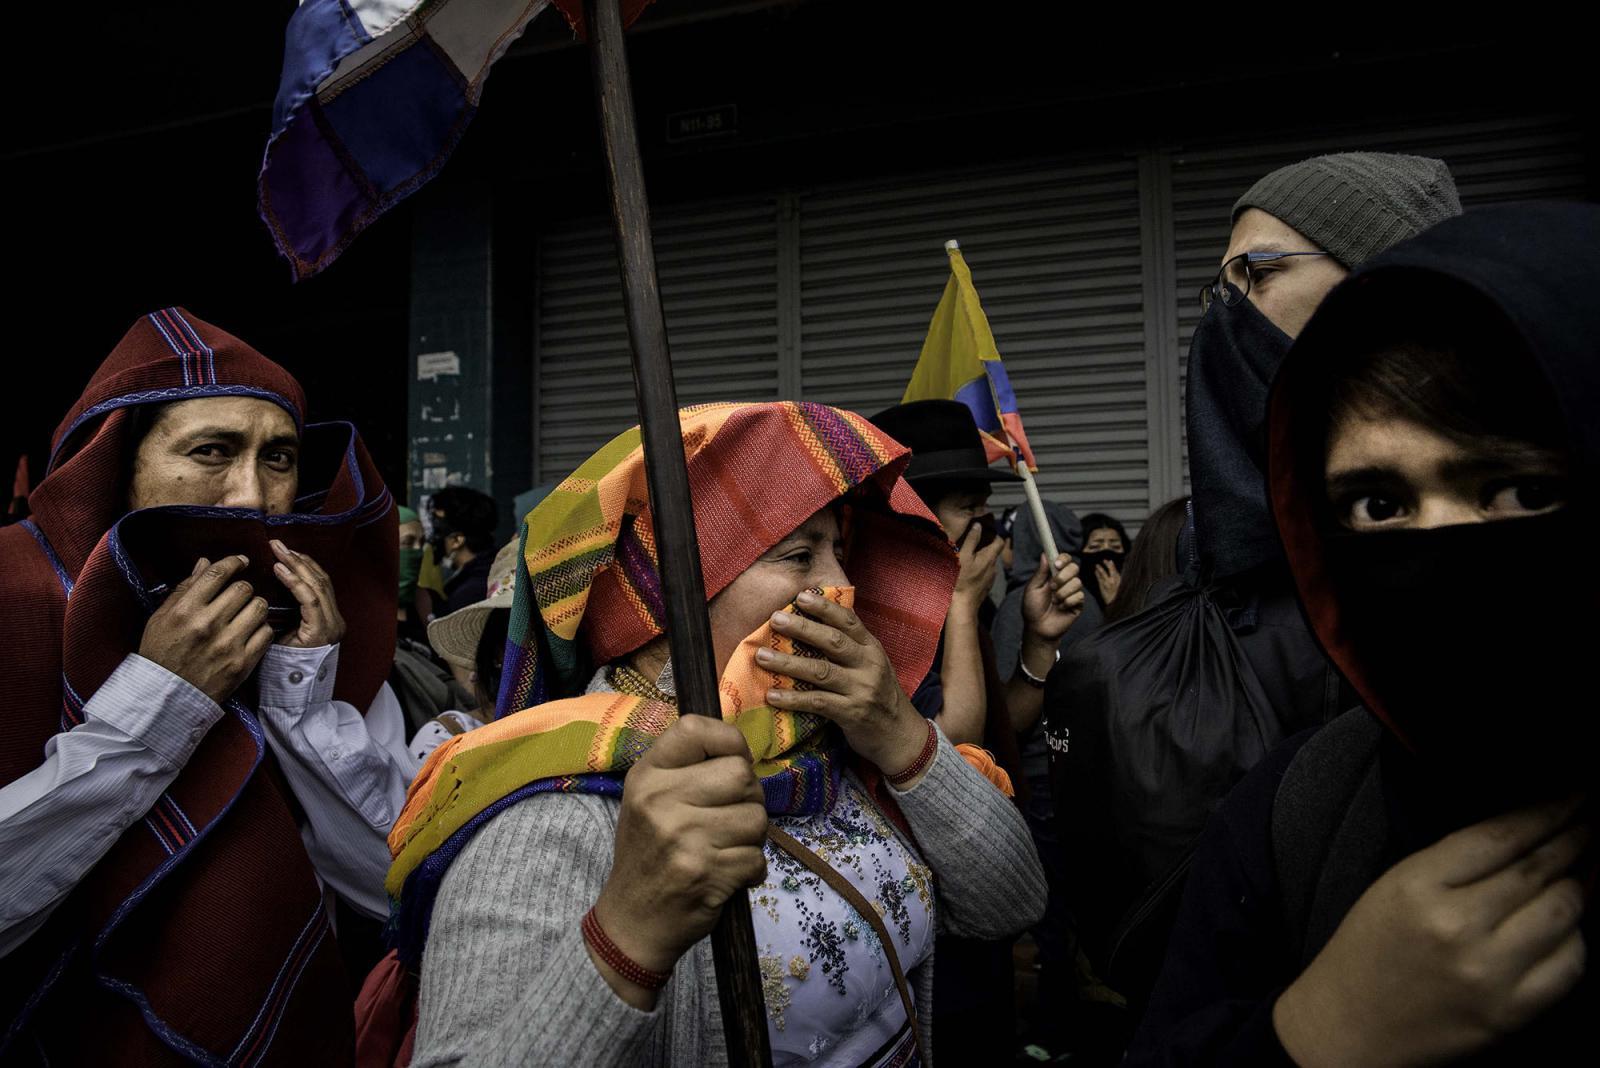 Photography image - Loading 01_EcuadorUnrest.jpg